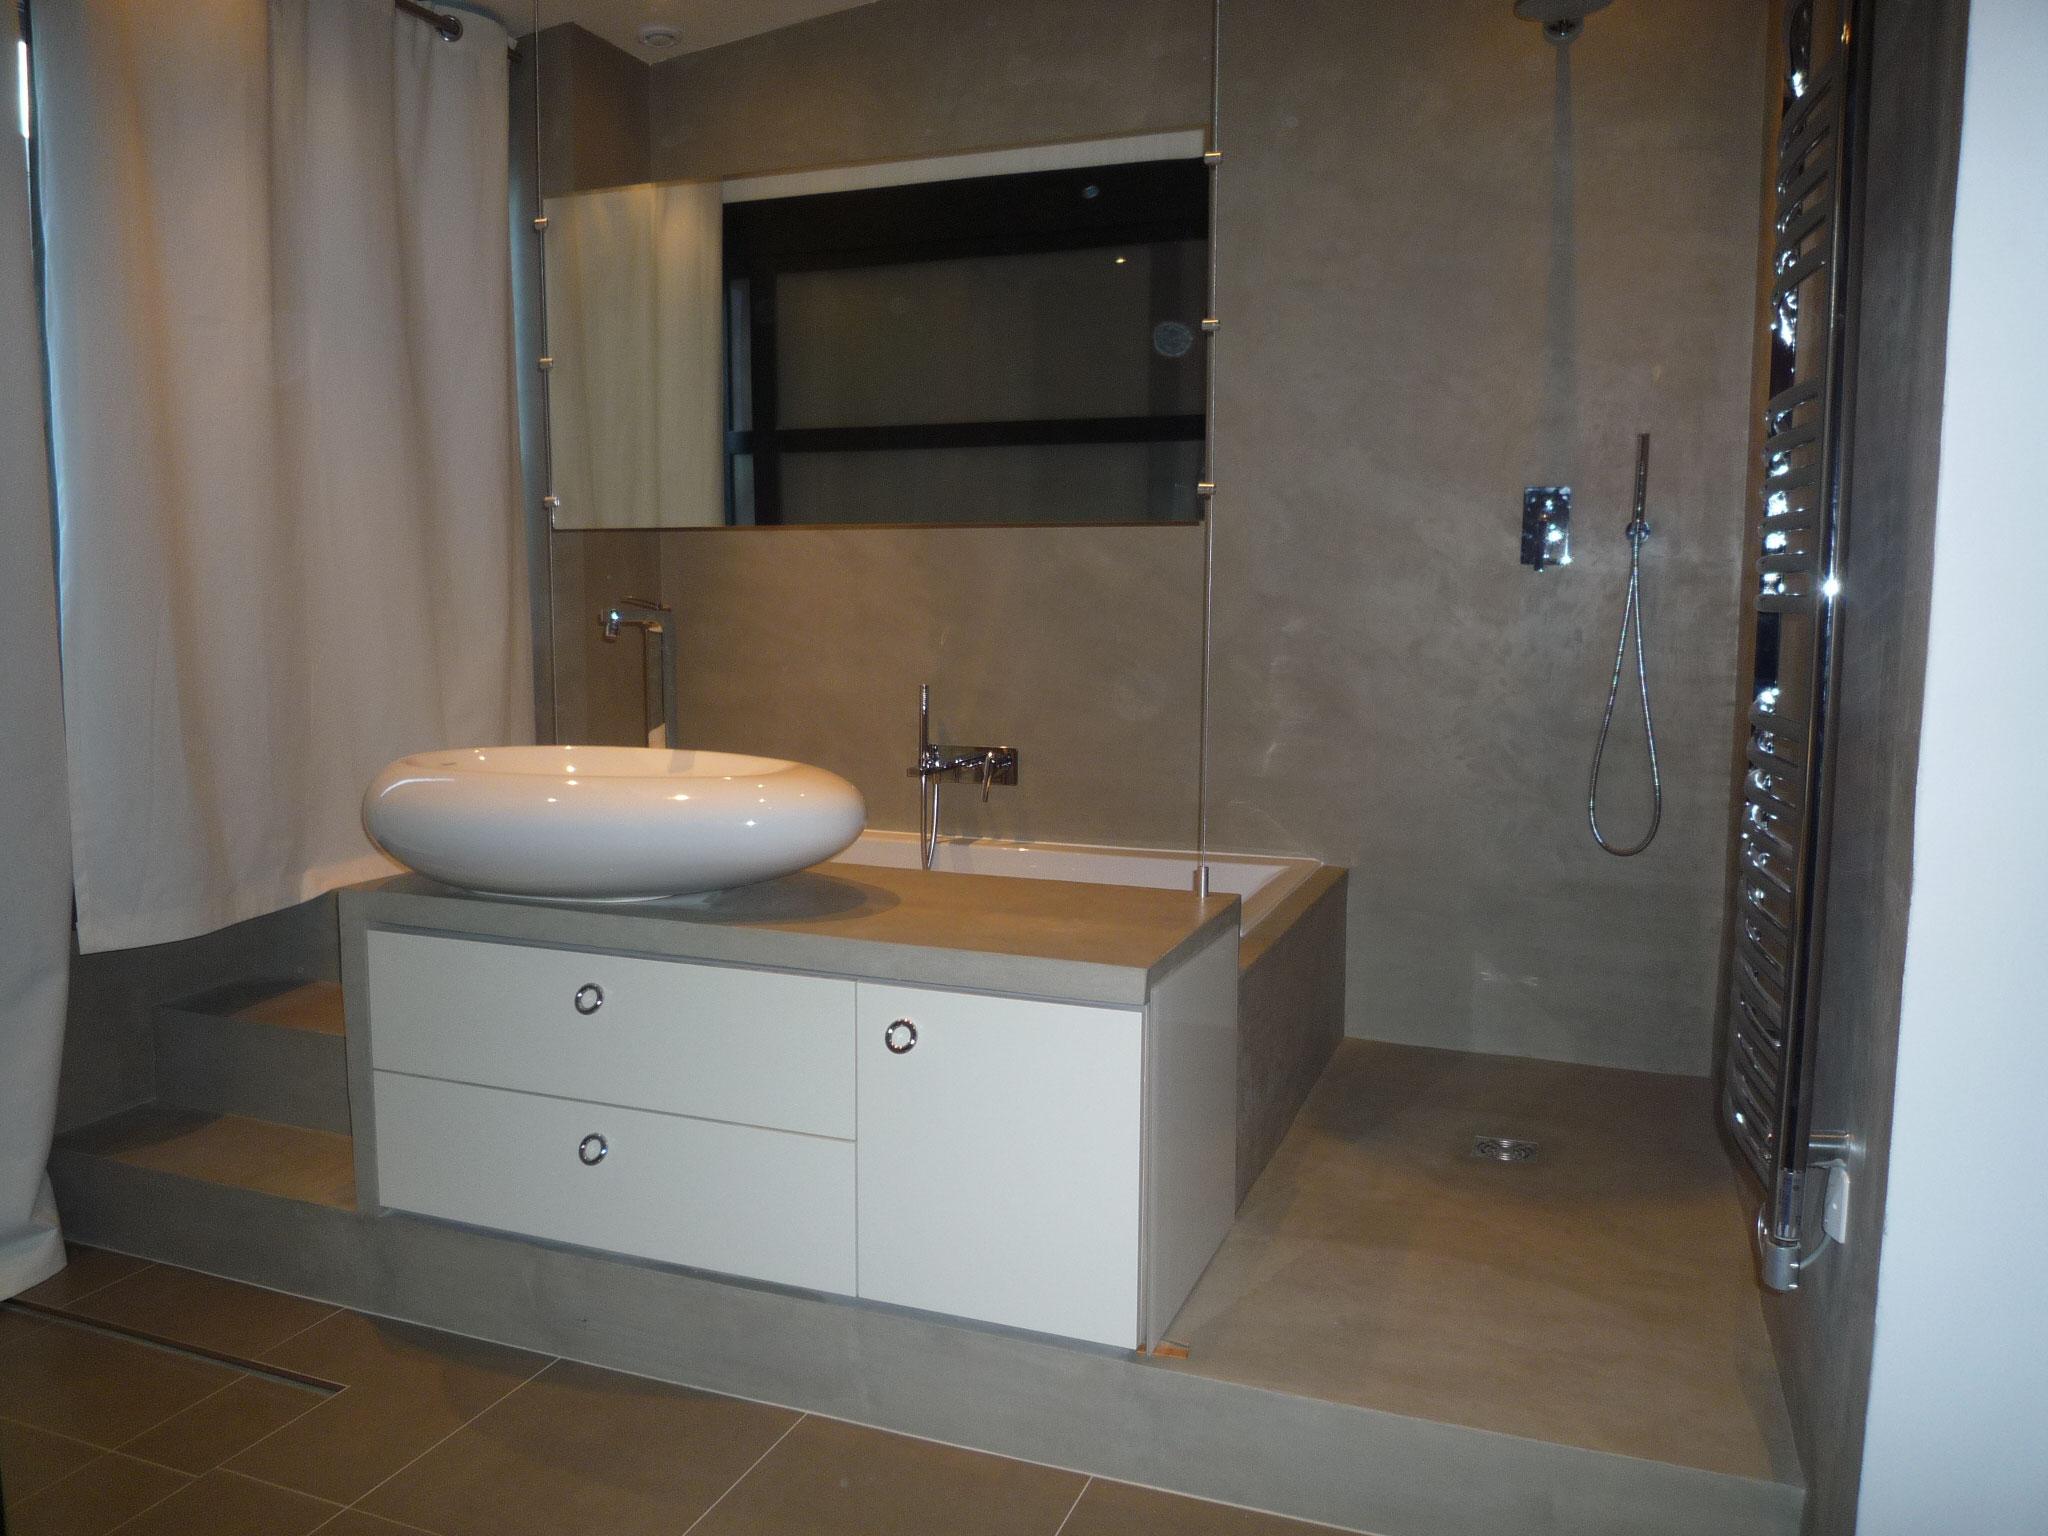 Salle de bain travertin leroy merlin - Deco salle de bain bambou bois ...